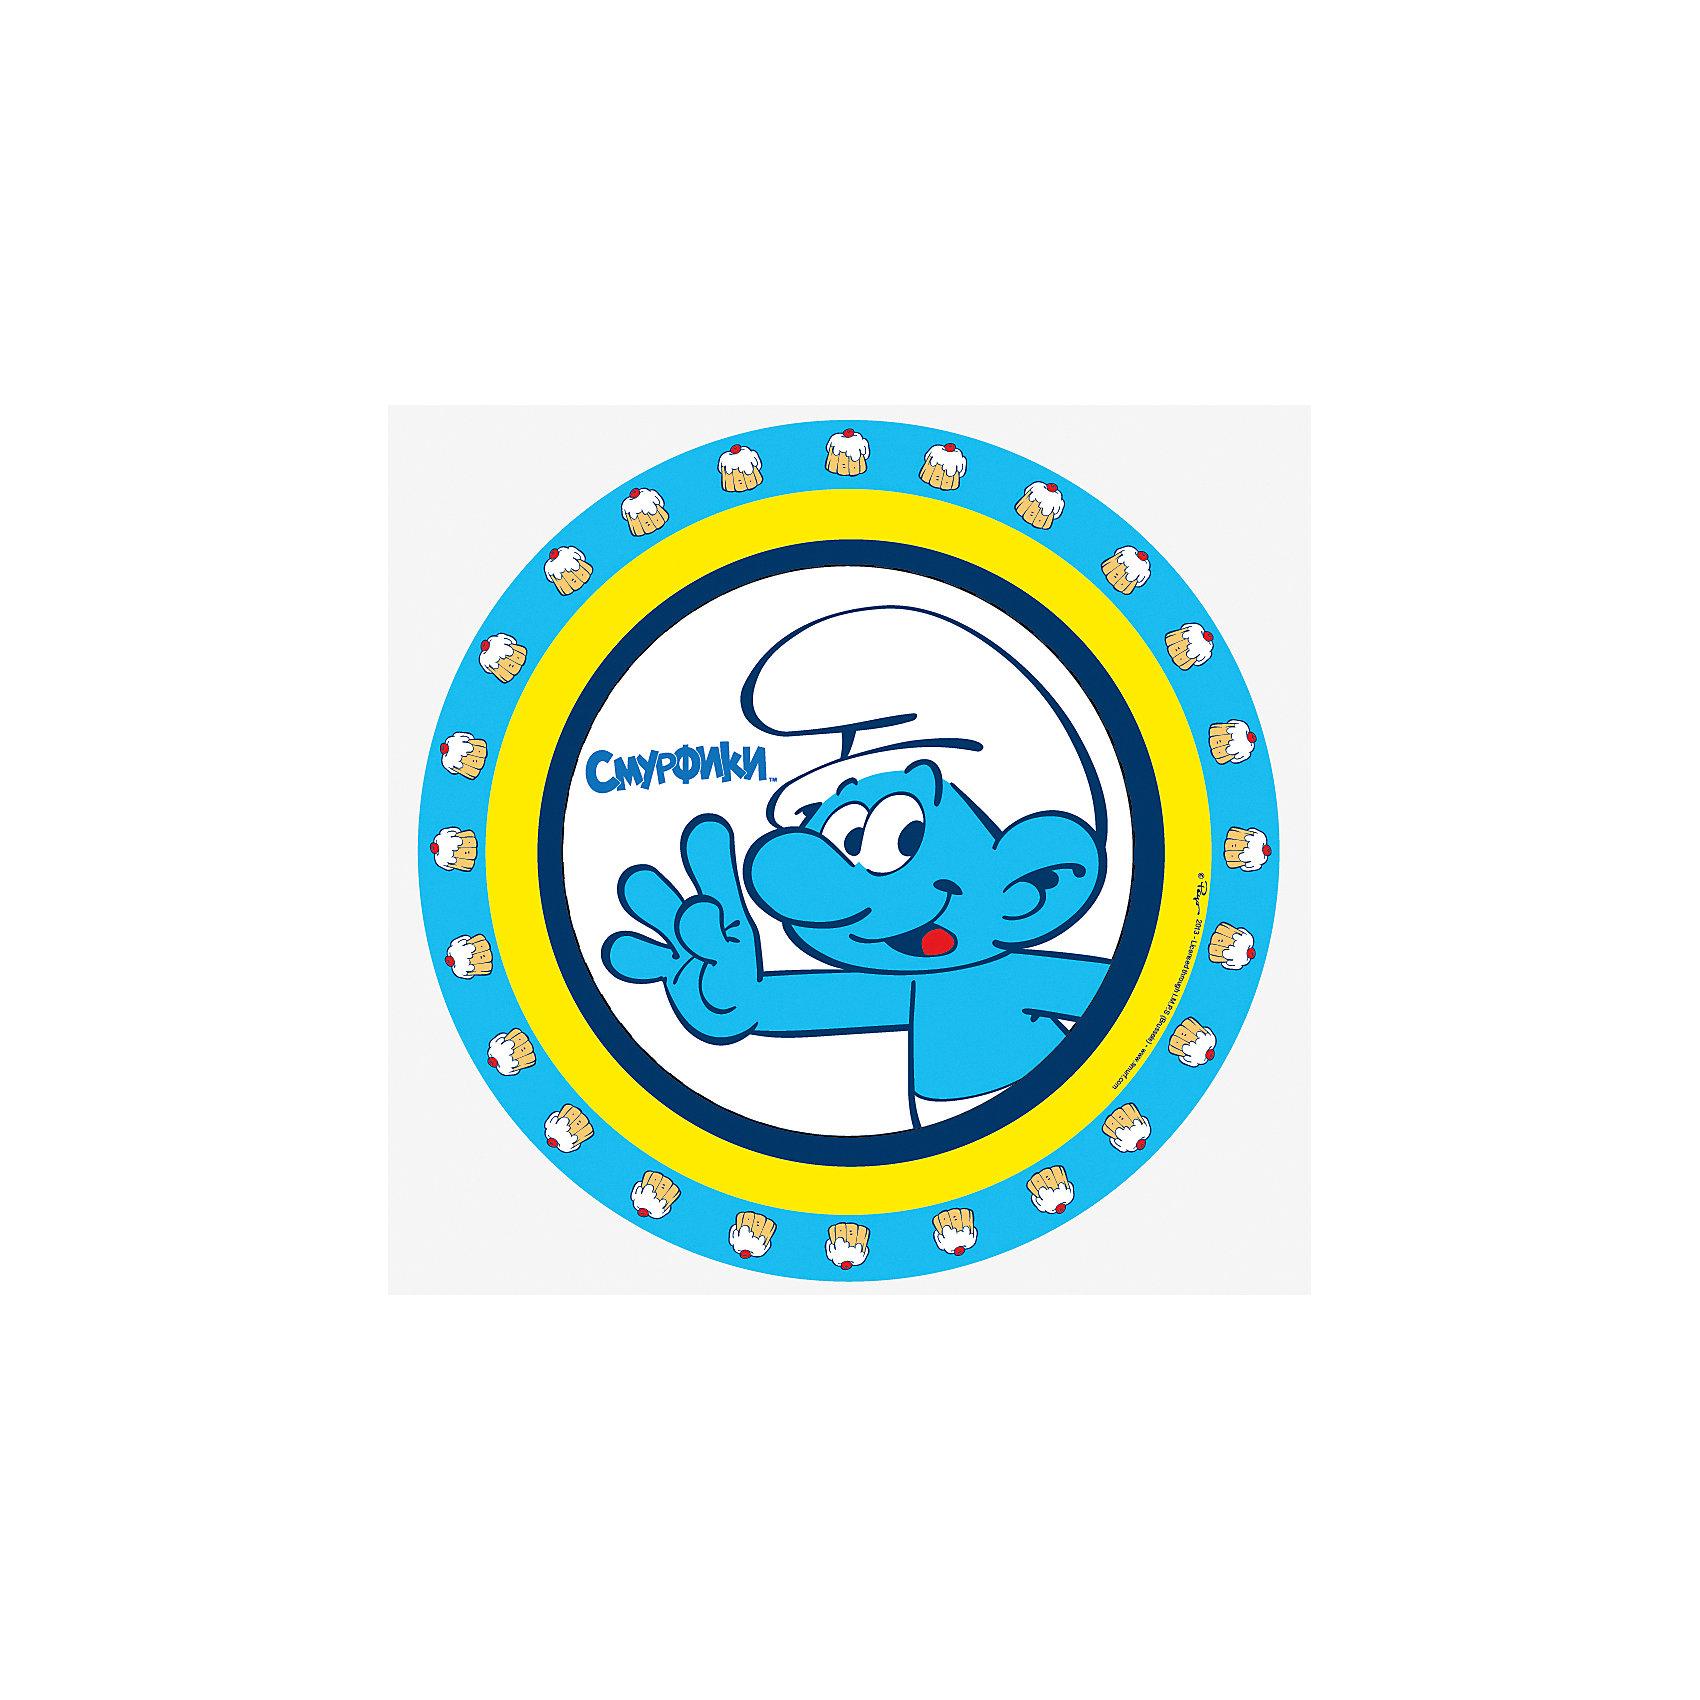 Тарелка бумажная СМУРФ, 23см, 10шт., СмурфикиОдноразовые тарелки прочно вошли в современную жизнь, и теперь многие люди просто не представляют праздник или пикник без таких нужных вещей: они почти невесомы, не могут разбиться и не нуждаются в мытье. Сделанная из бумаги, посуда «Смурф» ТМ «Смурфики» является экологически чистой, поэтому не наносит вреда здоровью. Благодаря глянцевому ламинированию, она прекрасно справляется со своей задачей: удерживает еду и напитки, не промокает и не протекает.&#13;<br>В набор одноразовой посуды входит 10 бумажных тарелок диаметром 23 см. Также вы можете выбрать бумажные стаканы, дудочки, колпачки и полиэтиленовую скатерть бренда «Смурфики». Упаковка – термопленка.<br><br>Ширина мм: 230<br>Глубина мм: 230<br>Высота мм: 20<br>Вес г: 145<br>Возраст от месяцев: 36<br>Возраст до месяцев: 108<br>Пол: Унисекс<br>Возраст: Детский<br>SKU: 5016423